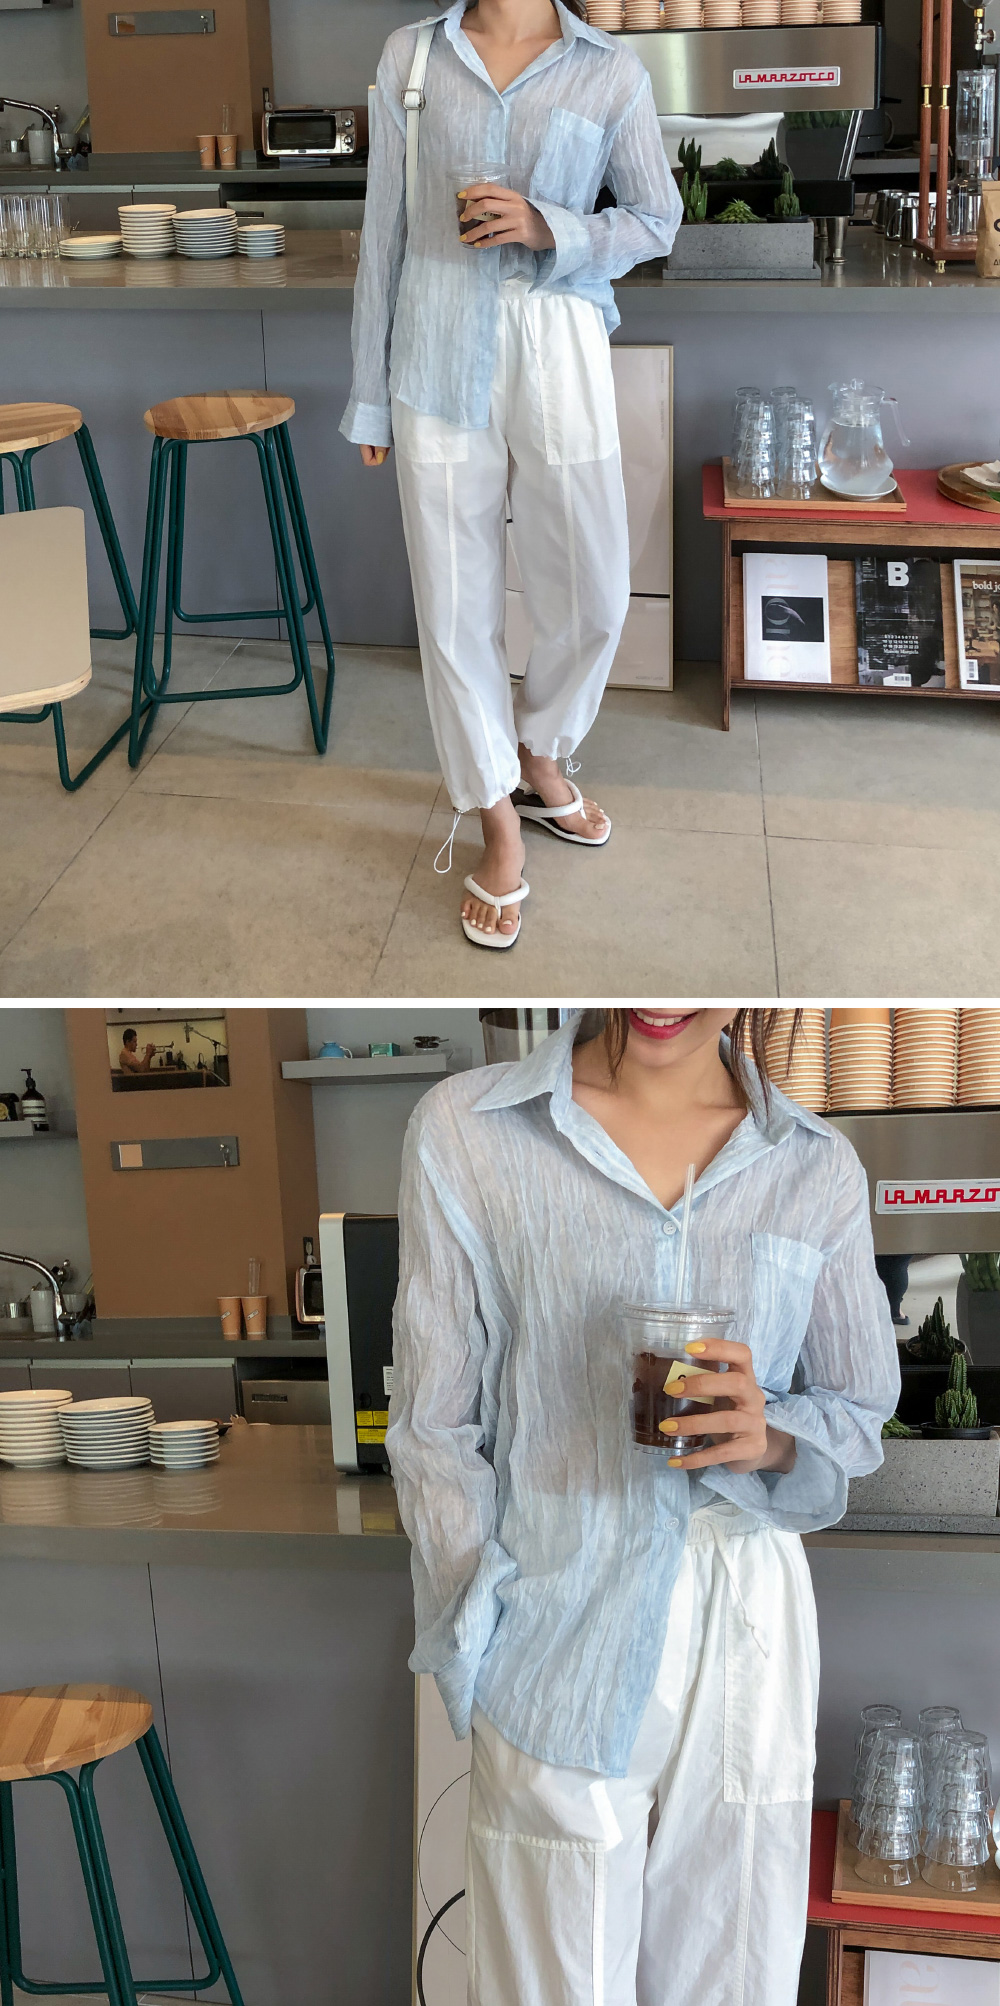 Loose-fit wrinkled sheer shirt